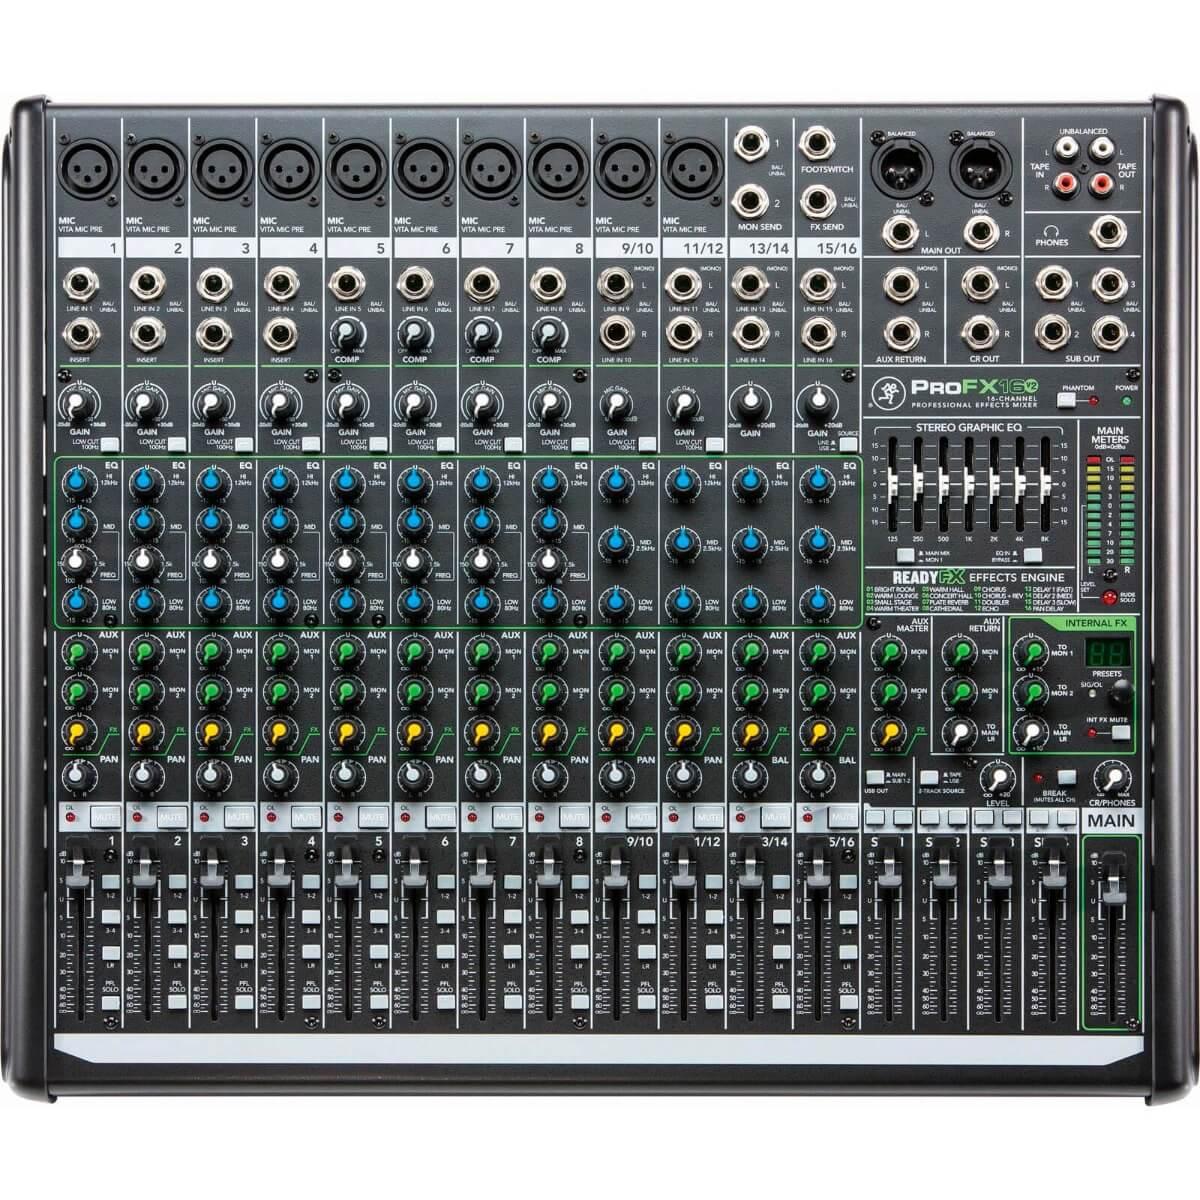 Mackie ProFX16v2 mixer